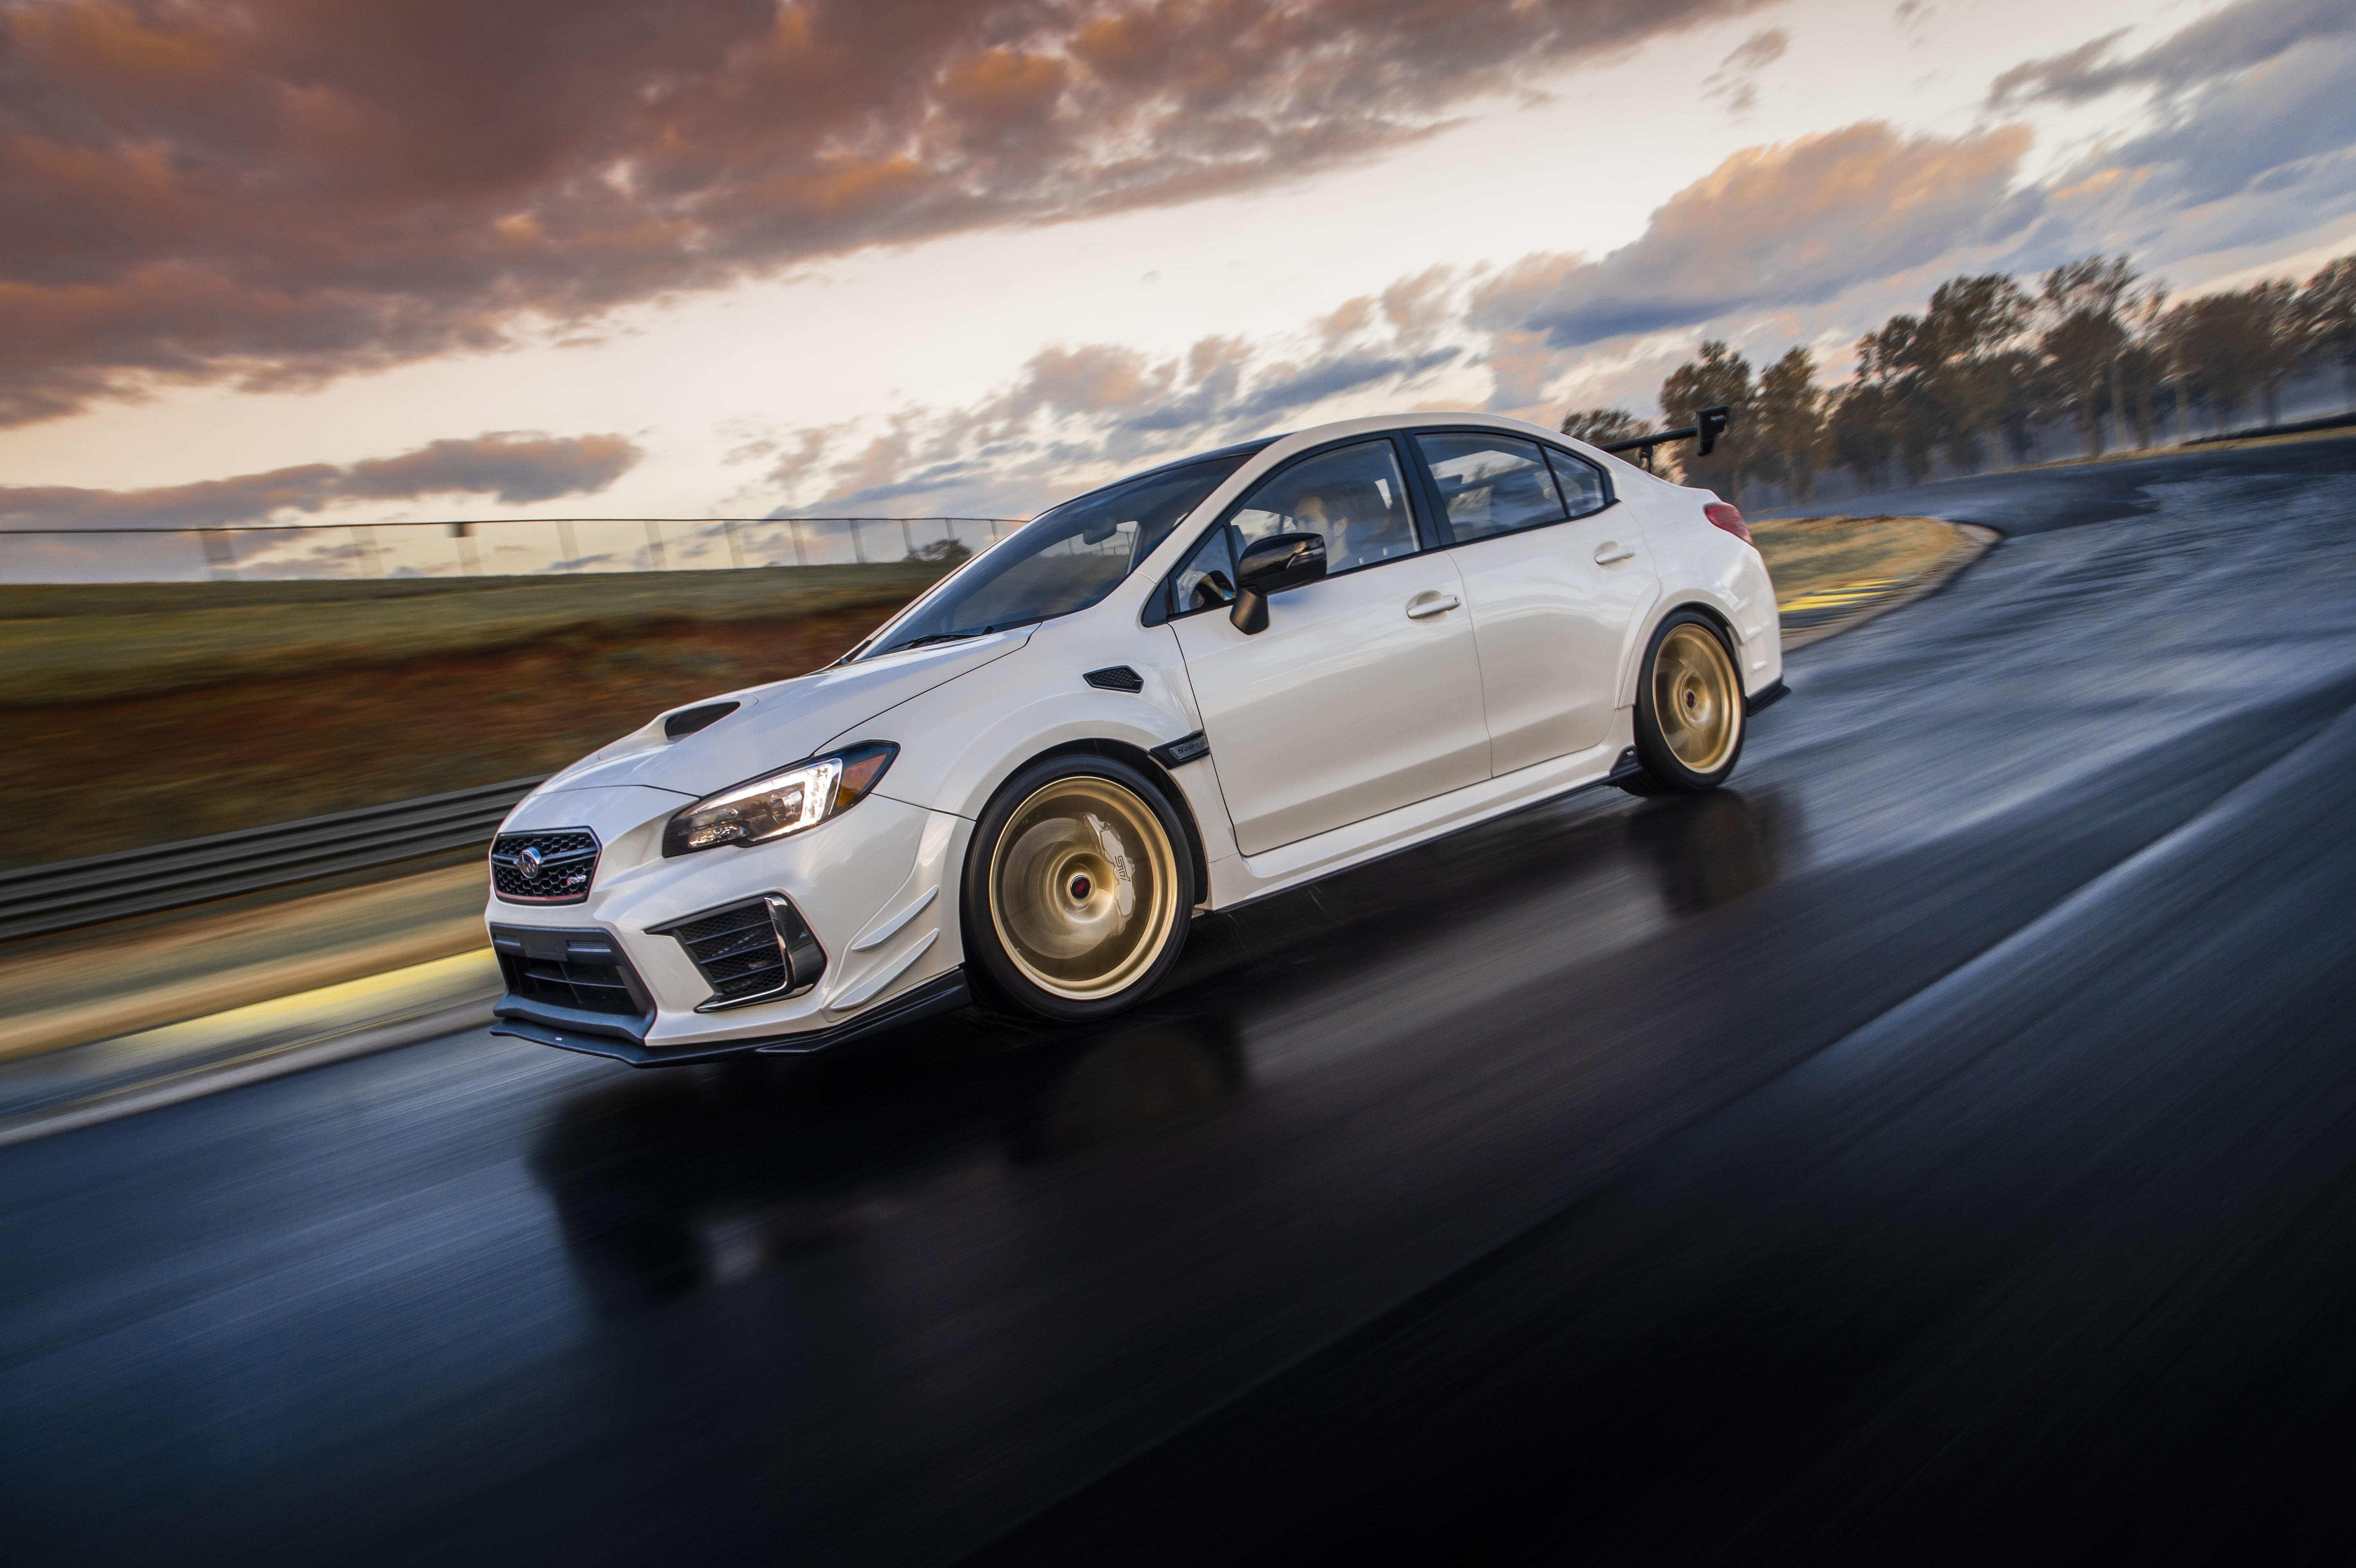 2020 Subaru WRX STI S209: 341 HP, Race-Ready Upgrades, and